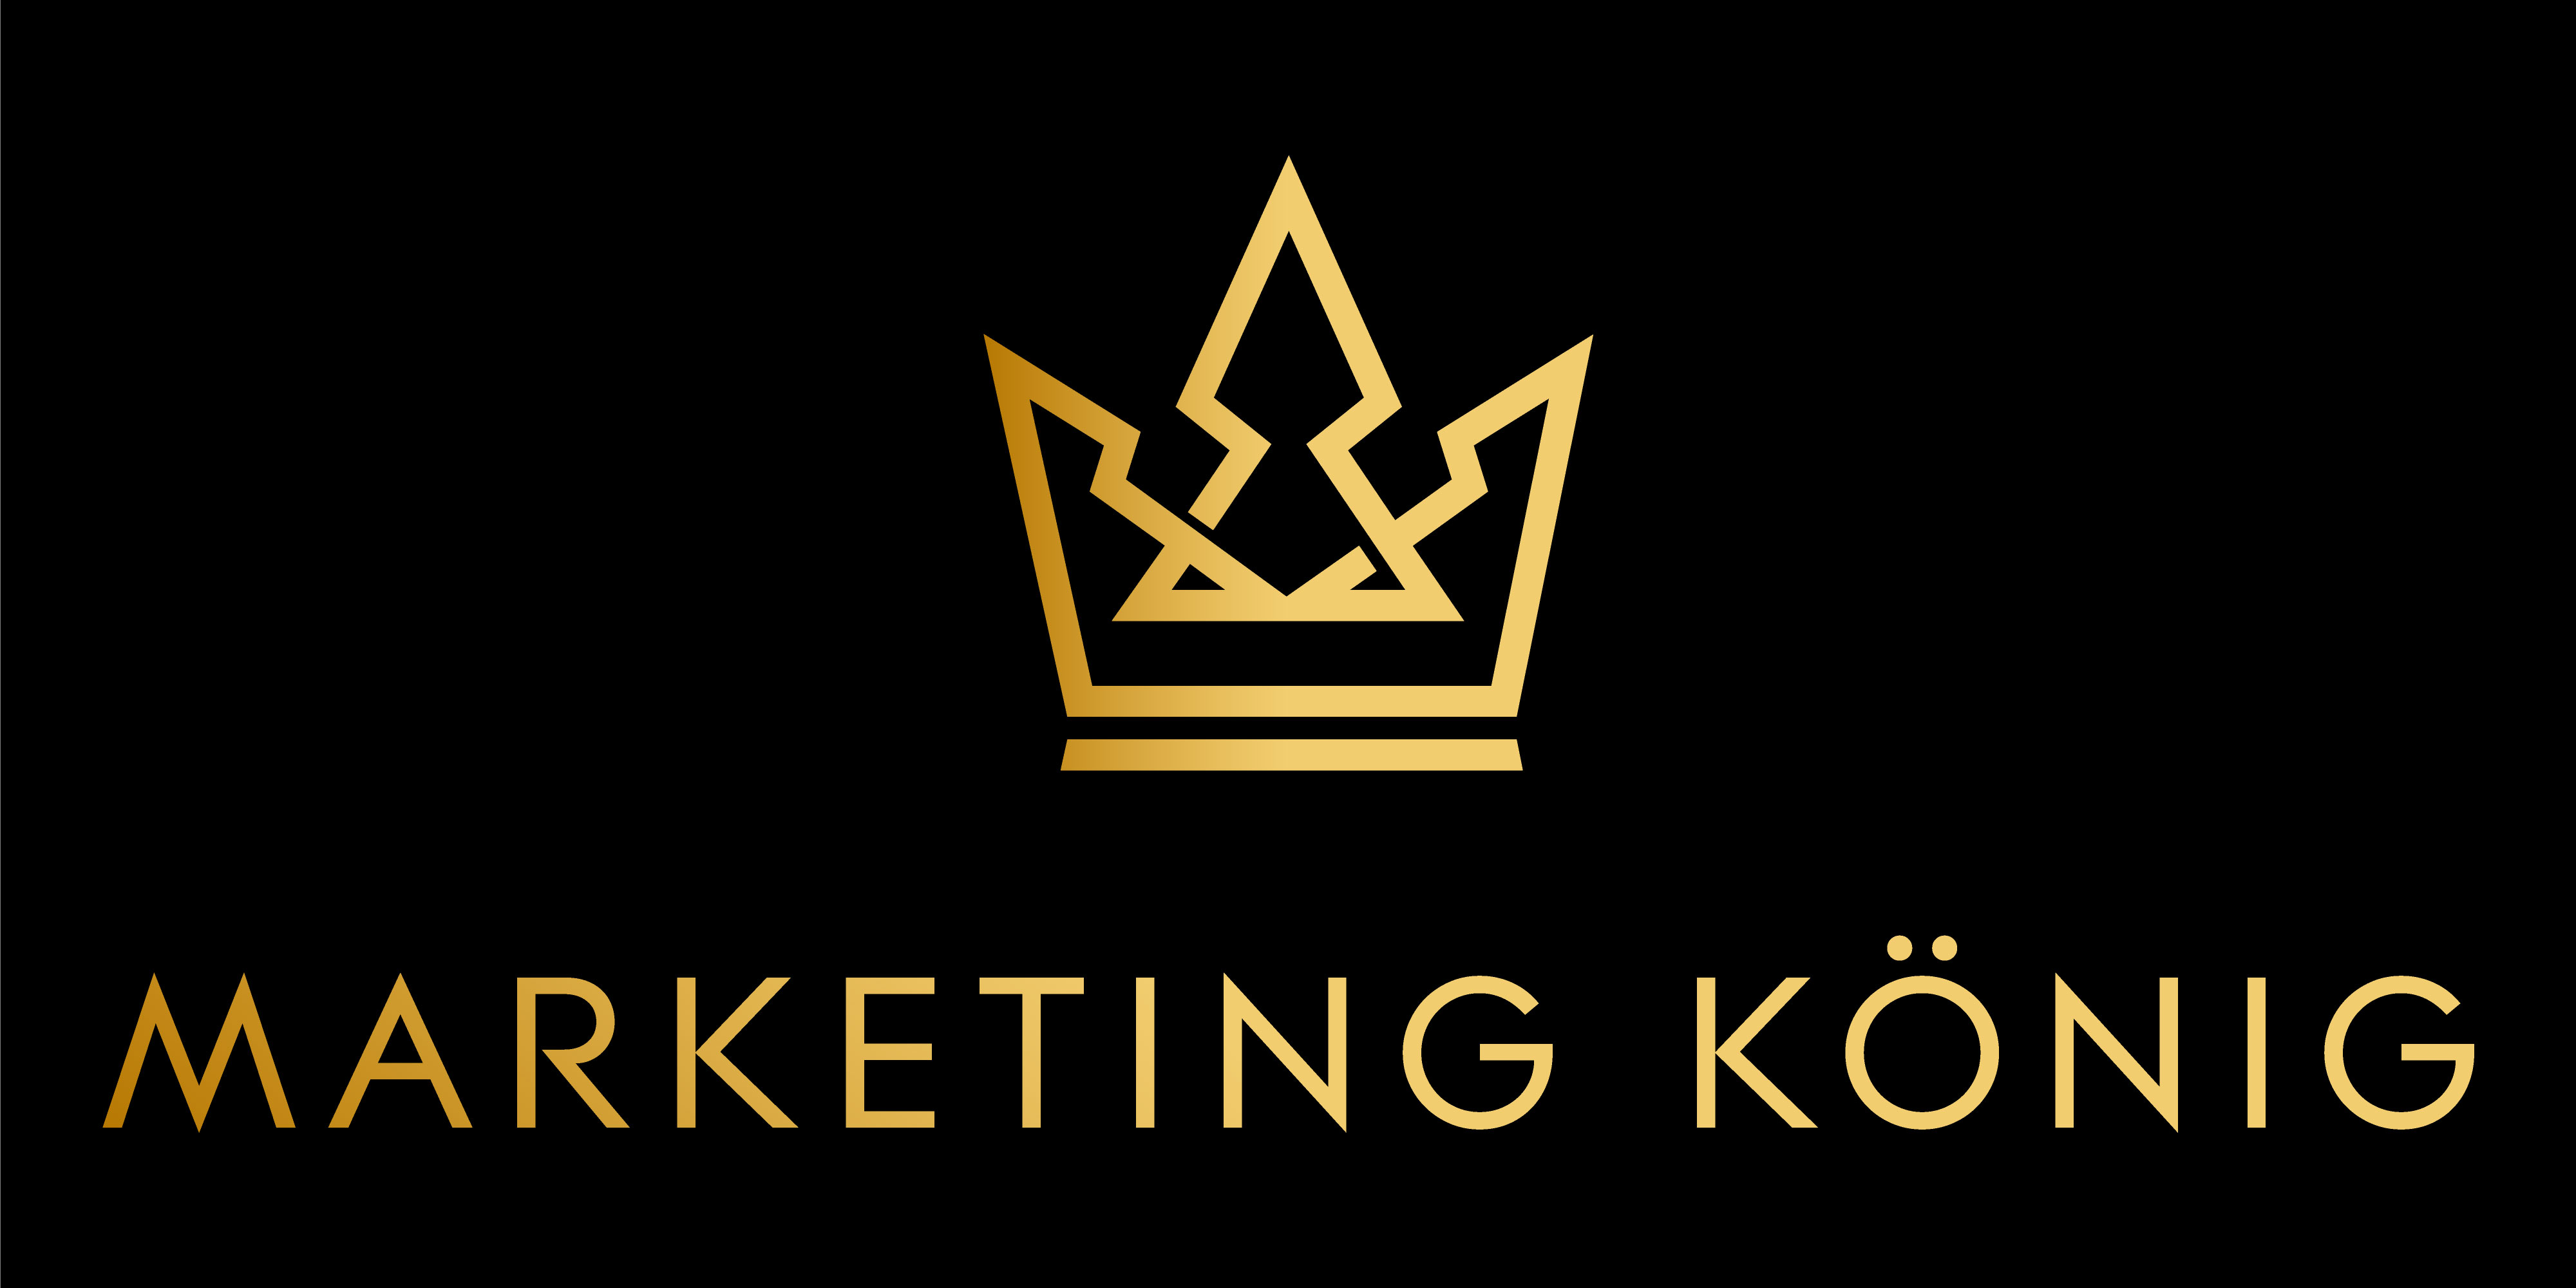 Marketing König